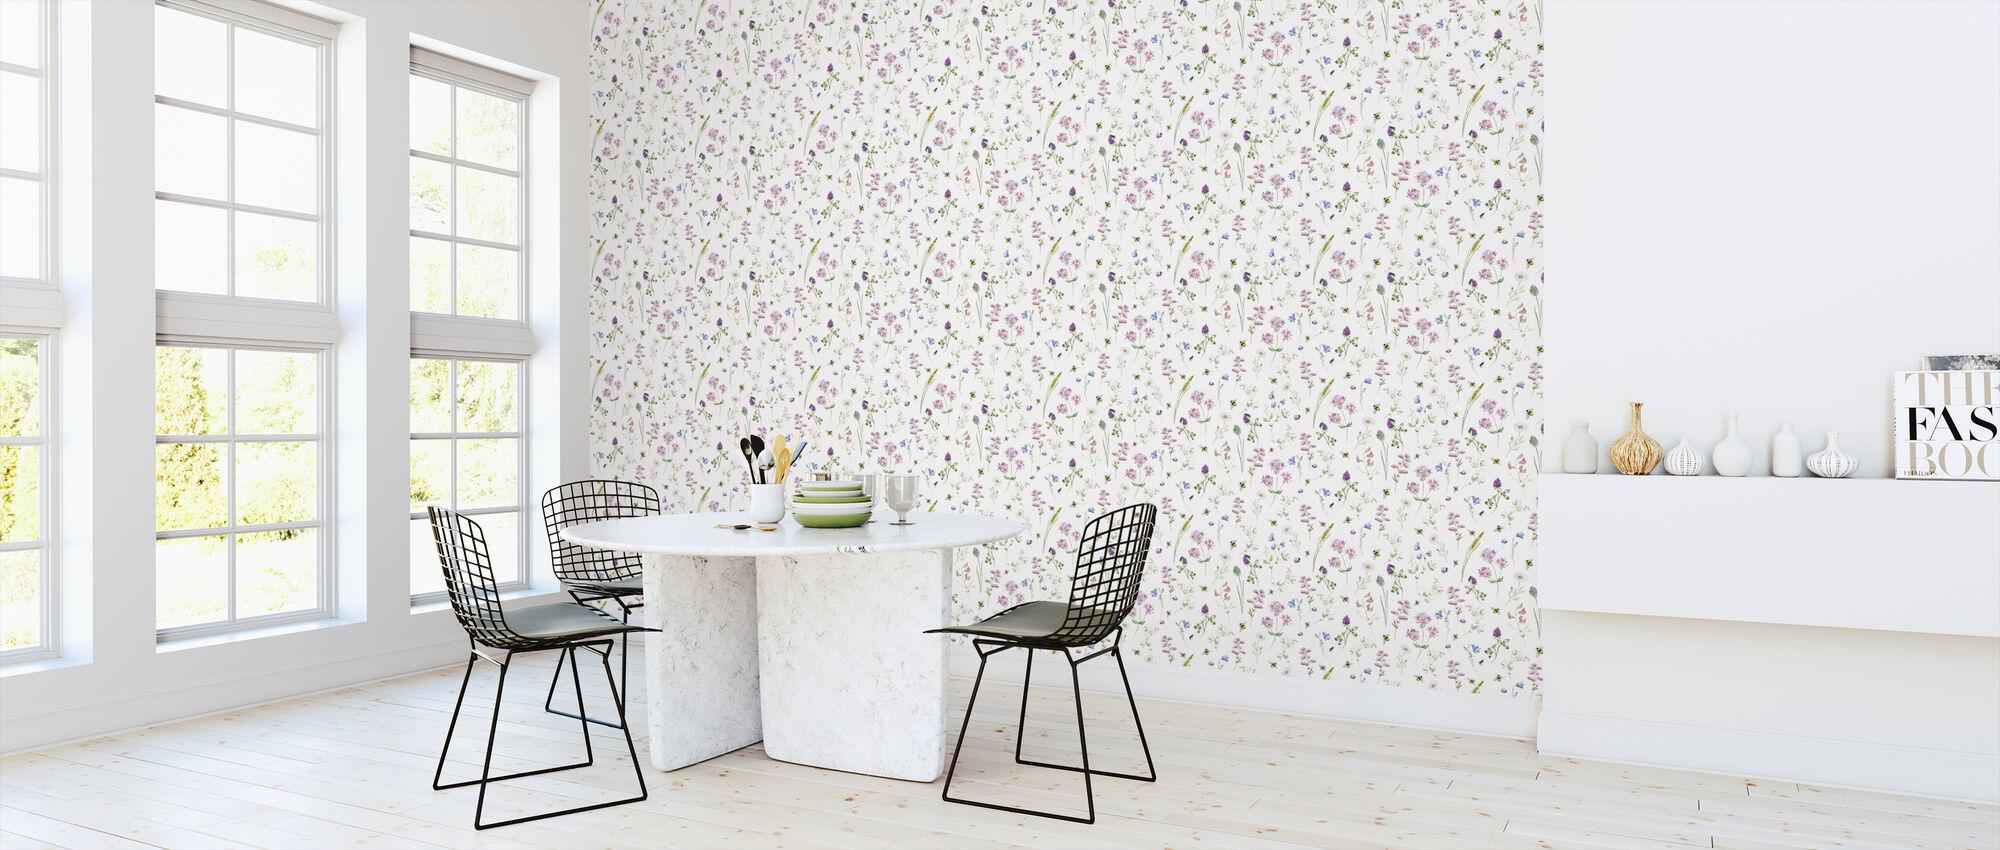 Wildblumen Aquarell Muster - Tapete - Küchen